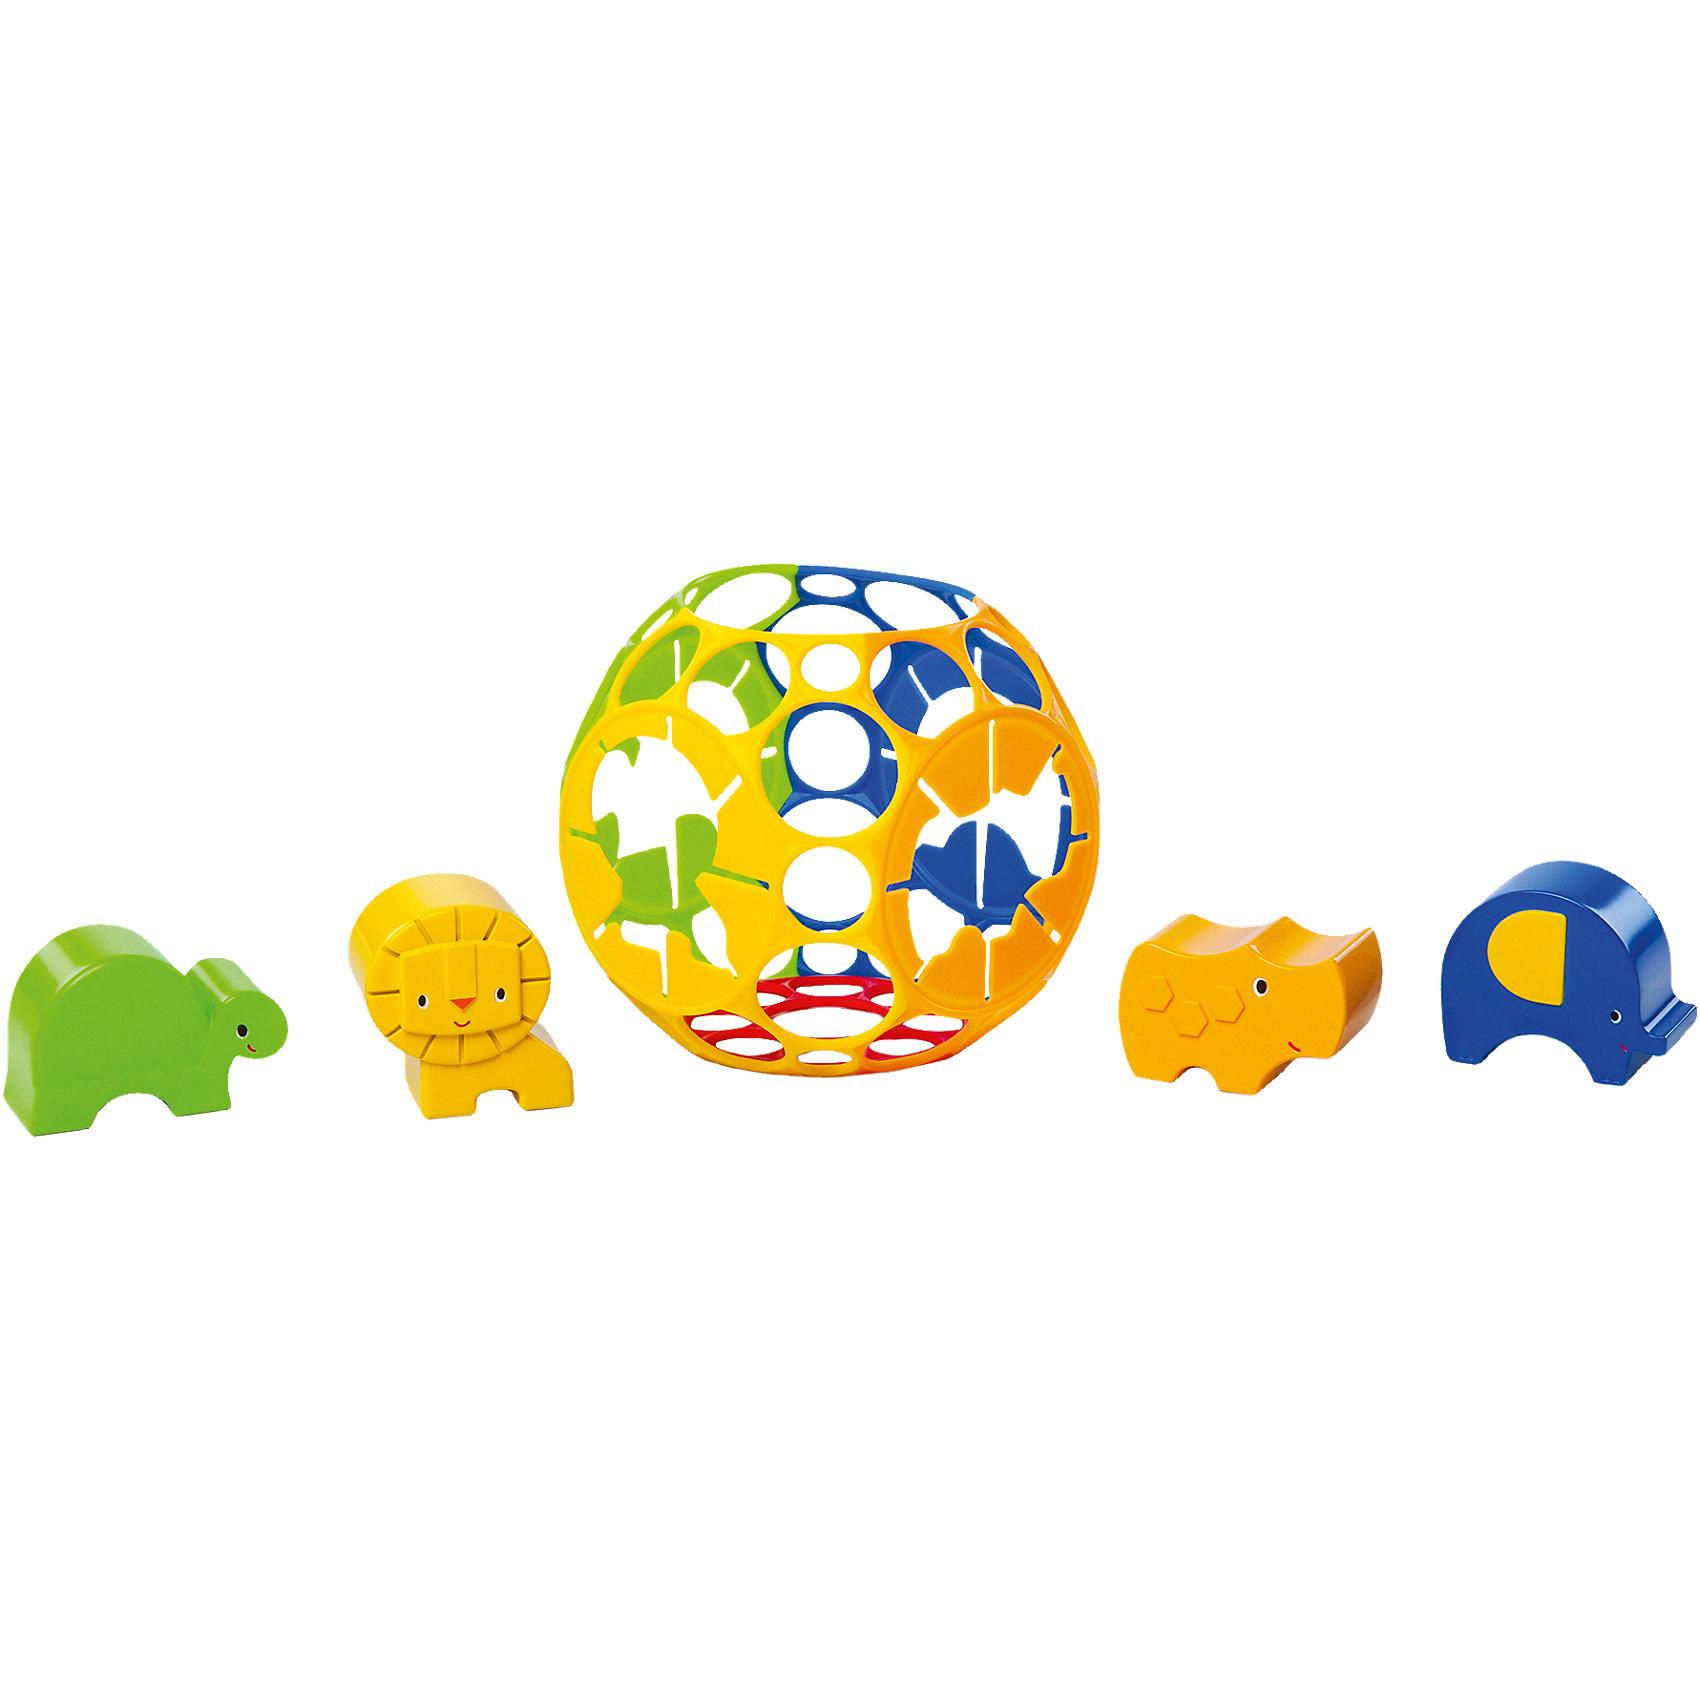 Развивающая игрушка - сортер «Приключения в джунглях», OballСортеры<br>Характеристики игрушки:<br><br>• Предназначение: для развивающих и обучающих занятий<br>• Пол: универсальный<br>• Цвет: желтый, синий, зеленый, оранжевый<br>• Материал: пластик<br>• Комплектация: сортер в форме шара, фигурки черепахи, льва, носорога и слона<br>• Диаметр сортера: 15,5 см<br>• Вес: 360 гр.<br>• Размеры (Д*Ш*В): 20,3*17,8*17,8 см<br><br>Развивающая игрушка - сортер «Приключения в джунглях», Oball предназначена для самых маленьких детей. Игрушка-сортер от Oball выполнена с учетом психо-физиологических особенностей младенческого возраста: она легкая, шар имеет прямые грани, выполнена в ярких цветах. Материал, из которого изготовлена игрушка отвечает всем международным стандартам качества и безопасности. Комплект состоит из шара-сортера и 4 фигурок животных. Задача ребенка заключается в том, чтобы правильно подобрать силуэт и соответствующего ему животного. Грань с силуэтом и фигурка животного выполнены в одинаковых цветах.<br><br>Развивающая игрушка - сортер «Приключения в джунглях», Oball обеспечит не только увлекательный досуг вашему ребенку, но и позволит развивать у него пространственное мышление, мелкую моторику рук, кроме того эта игрушка позволит познакомить ребенка с основными цветами и животным миром джунглей. <br><br>Развивающую игрушку - сортер «Приключения в джунглях», Oball можно купить в нашем интернет-магазине.<br><br>Подробнее:<br>Для детей в возрасте: от 6 месяцев до 2 лет<br>Номер товара: 4585925<br>Страна производитель: Китай<br><br>Ширина мм: 245<br>Глубина мм: 180<br>Высота мм: 184<br>Вес г: 265<br>Возраст от месяцев: 6<br>Возраст до месяцев: 24<br>Пол: Унисекс<br>Возраст: Детский<br>SKU: 4585925